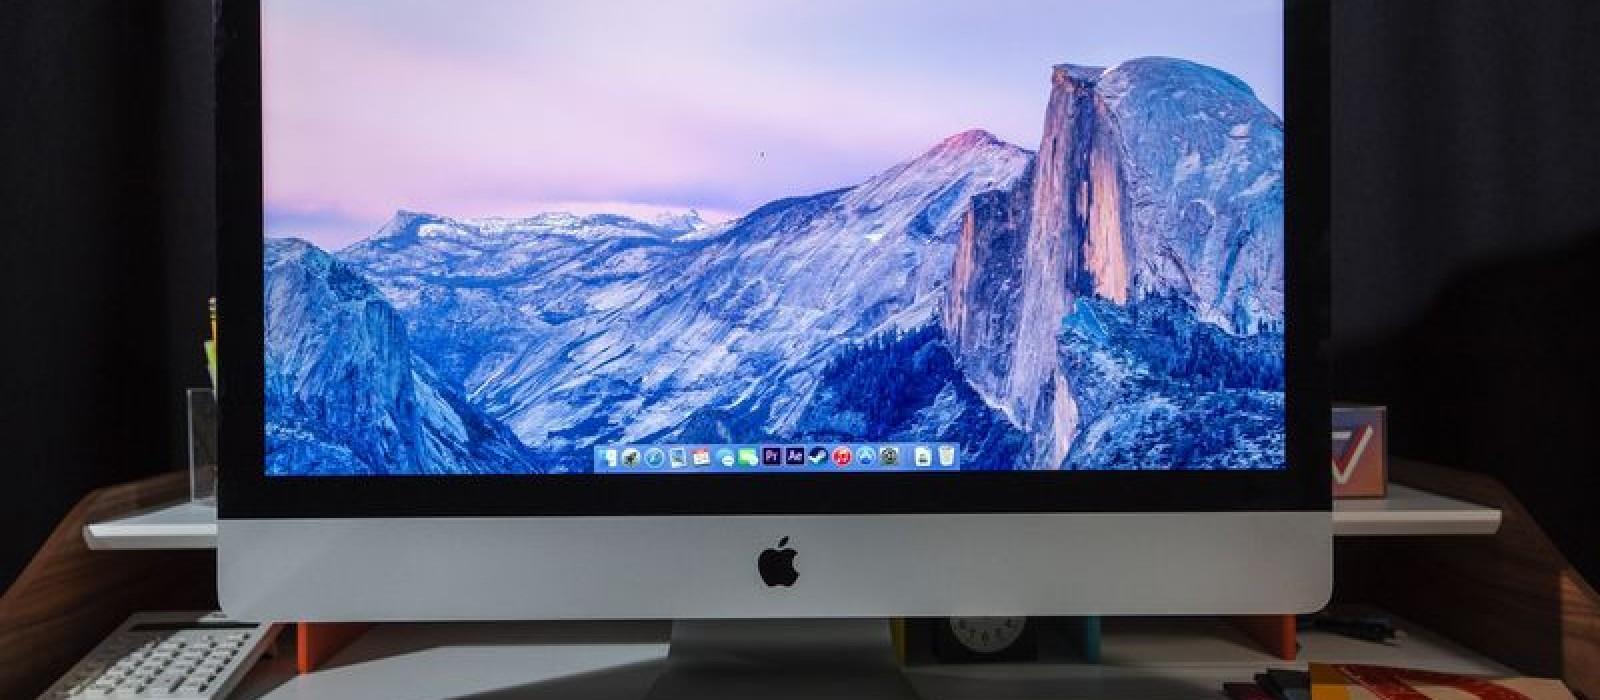 Good deal: $200 off Retina 5K iMac